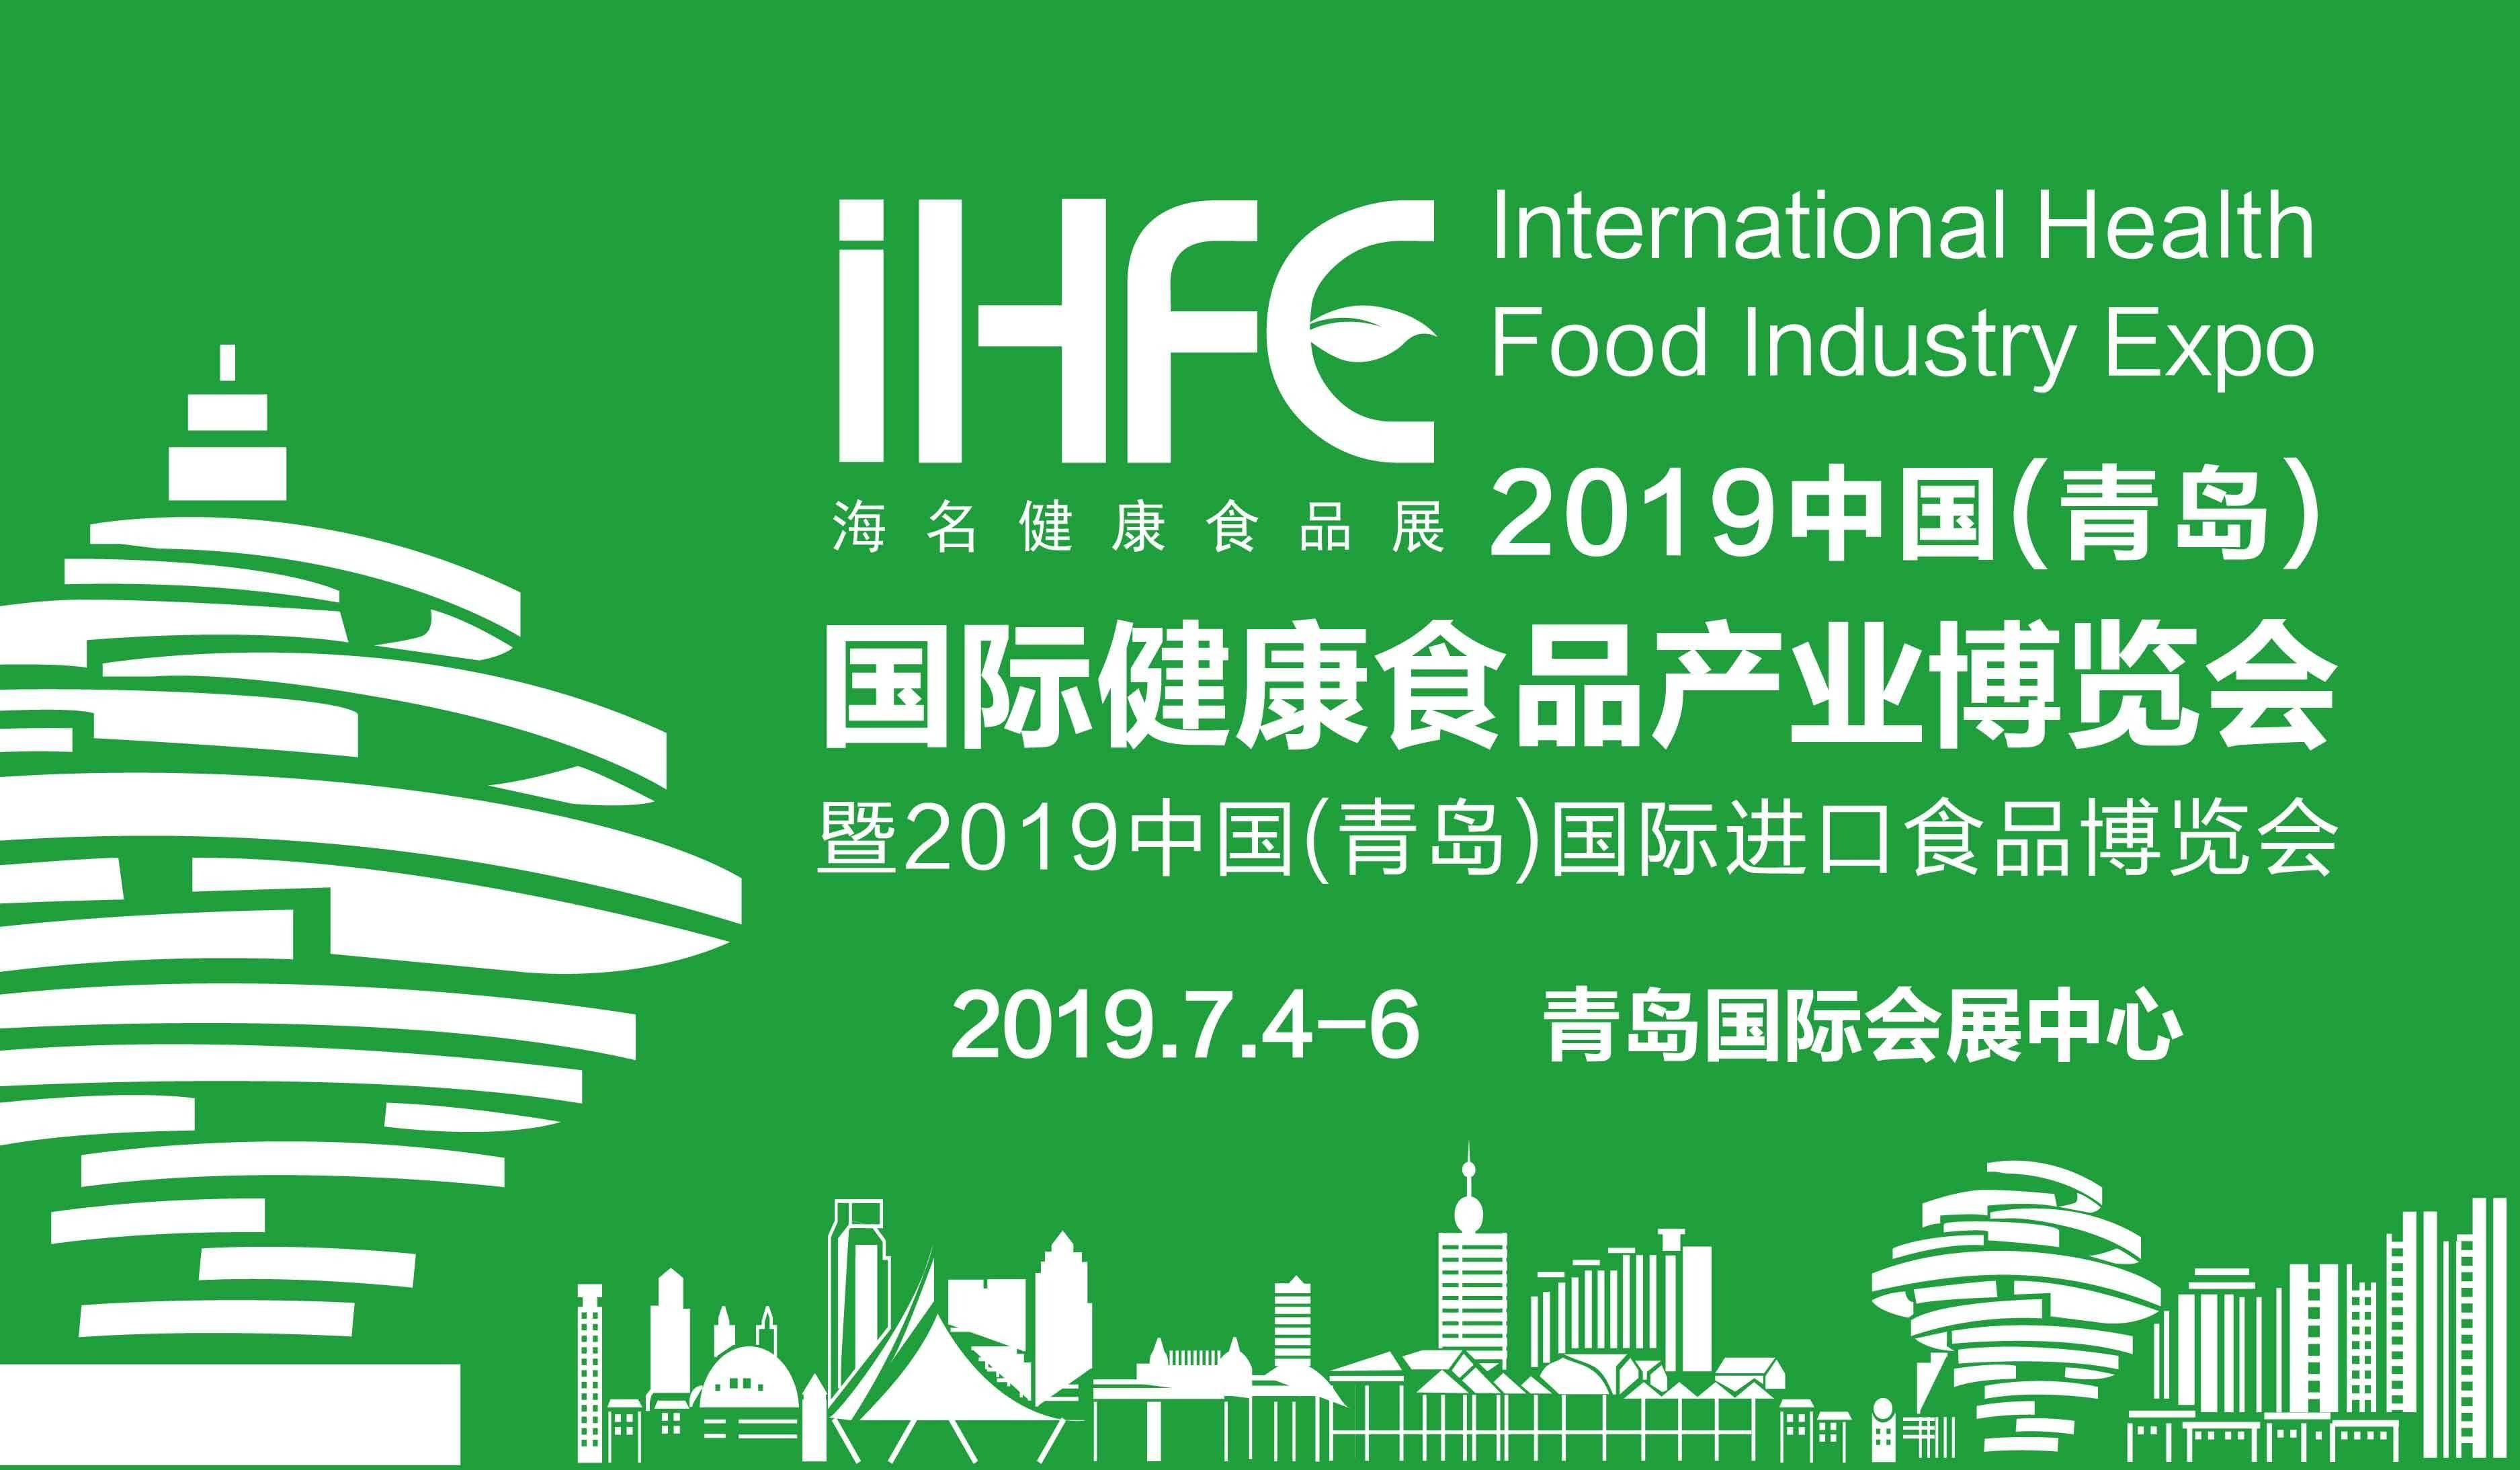 互动吧-2019第八届中国(青岛)国际健康食品产业博览会暨青岛进口食品展